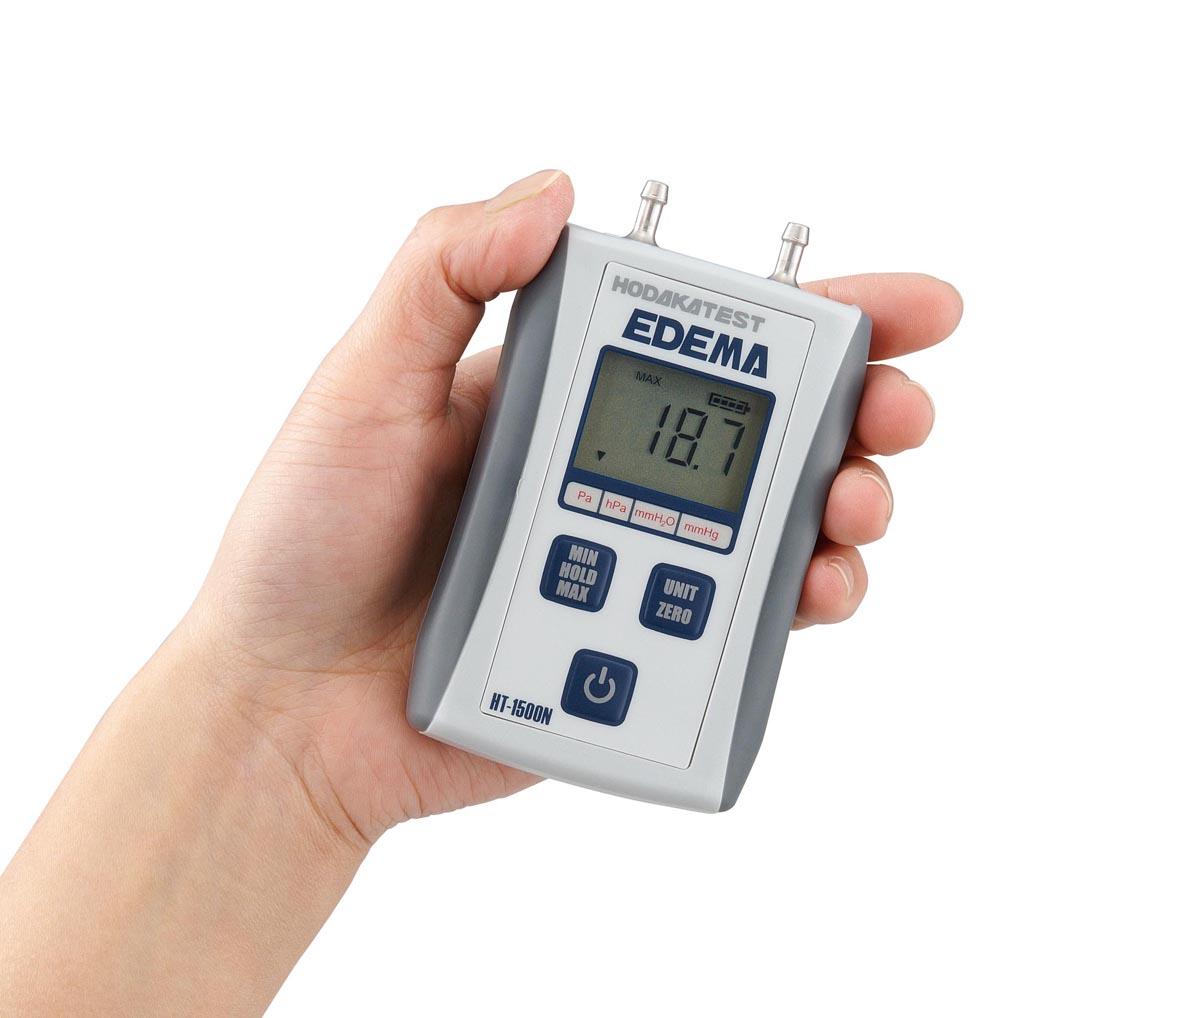 ホダカ デジタルマノメーター(EDEMAシリーズ) HT-1500NS